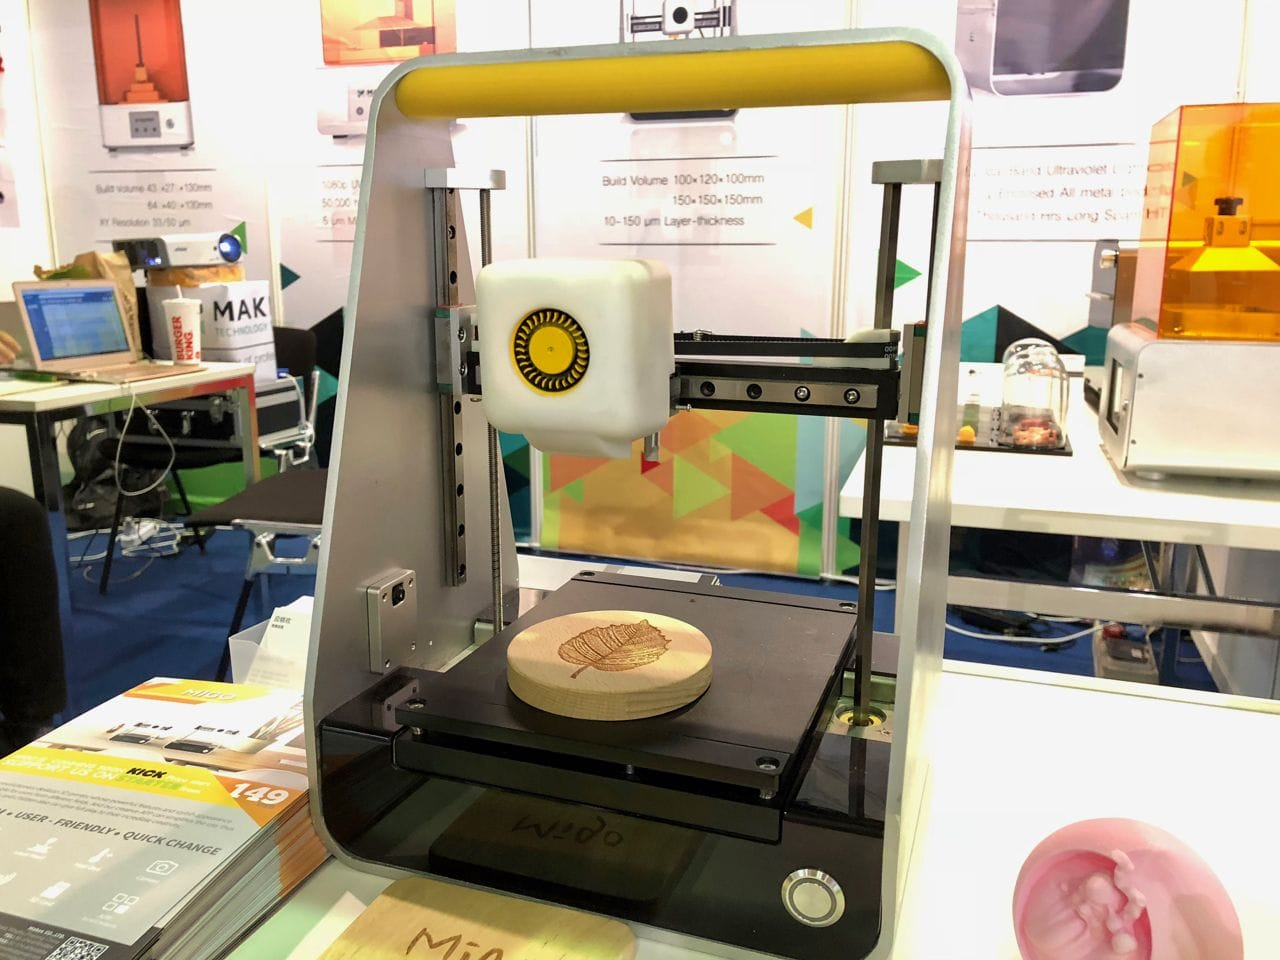 The MakeX Migo L portable desktop 3D printer, showing a laser engraved wood piece